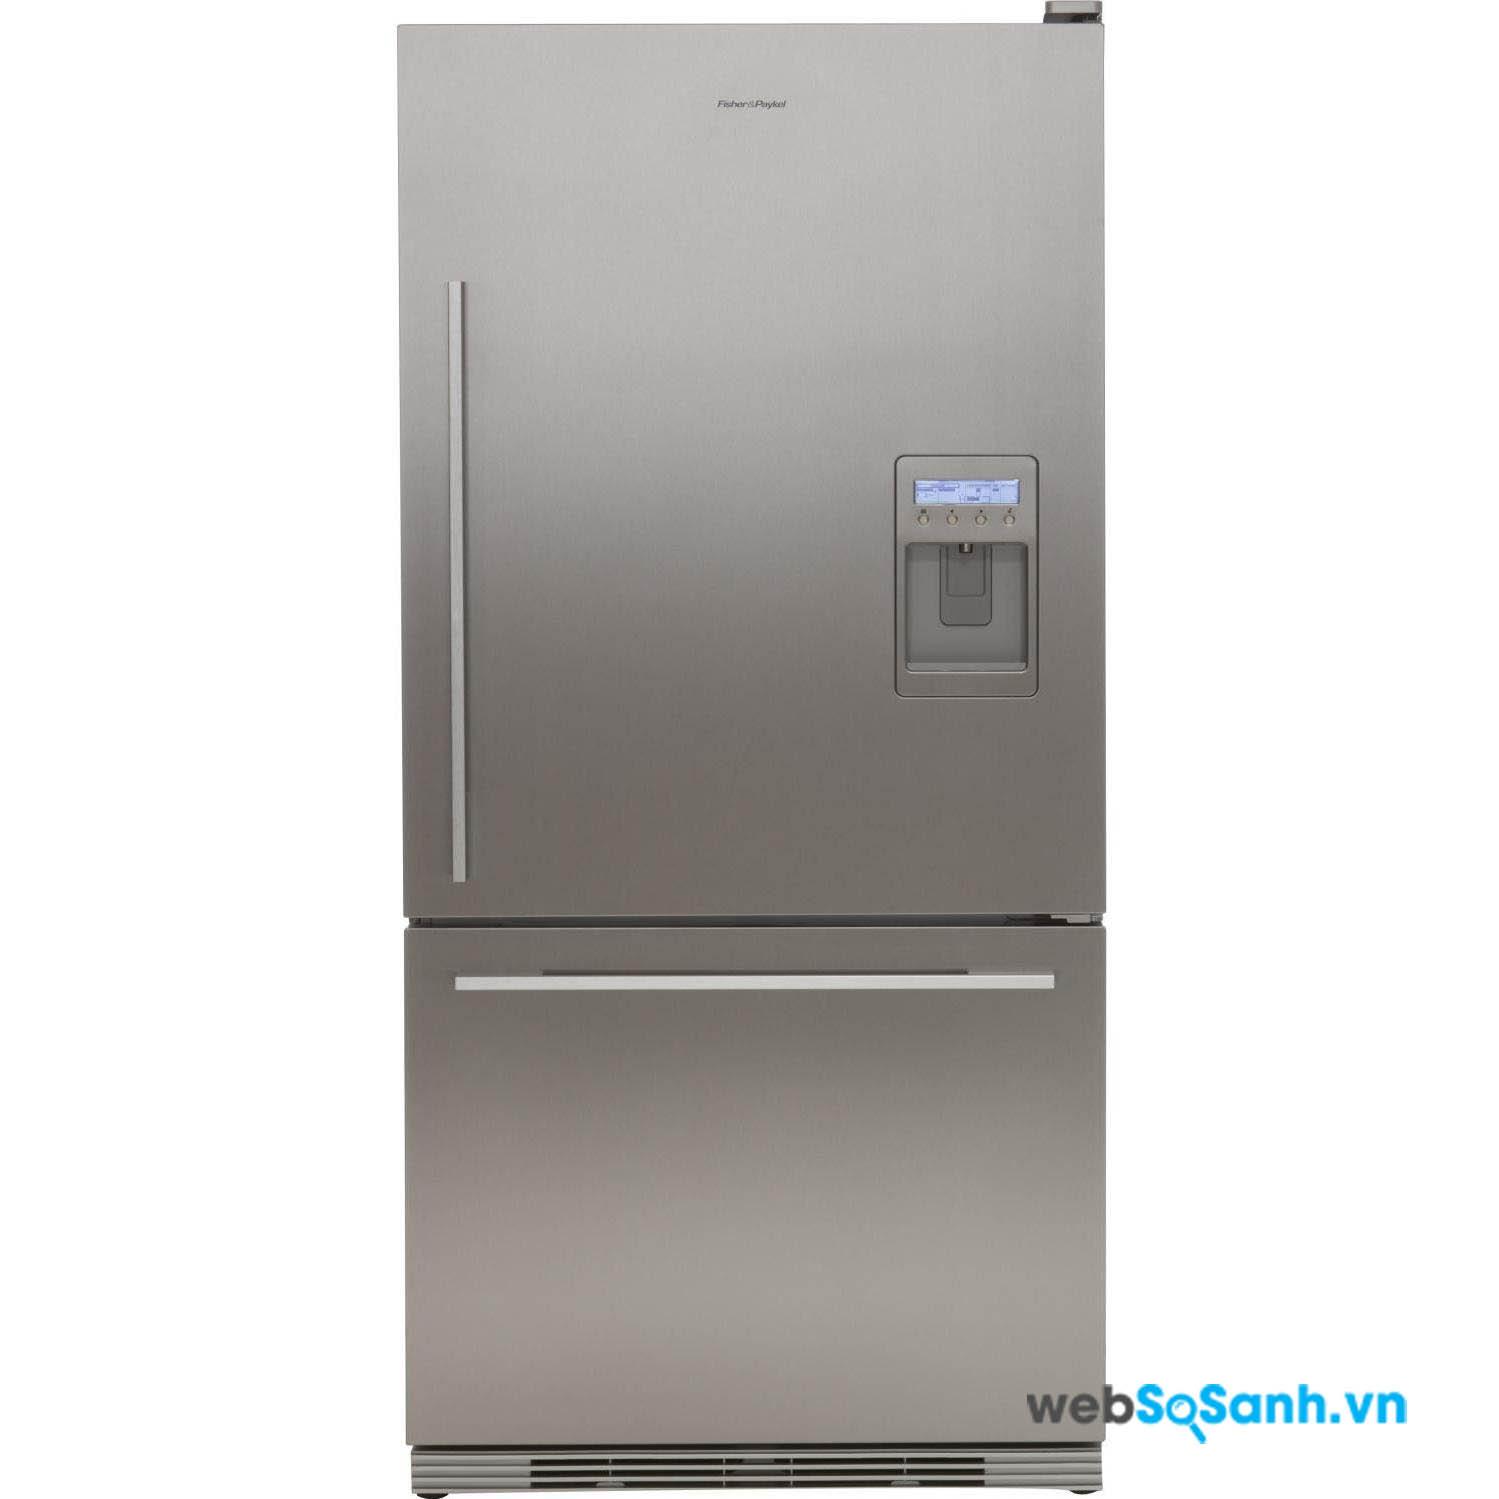 Tủ lạnh có ngăn đá nằm dưới cùng có khả năng làm đá tốt hơn với việc chứa nhiều thực phẩm đông lạnh hơn các loại tủ lạnh khác